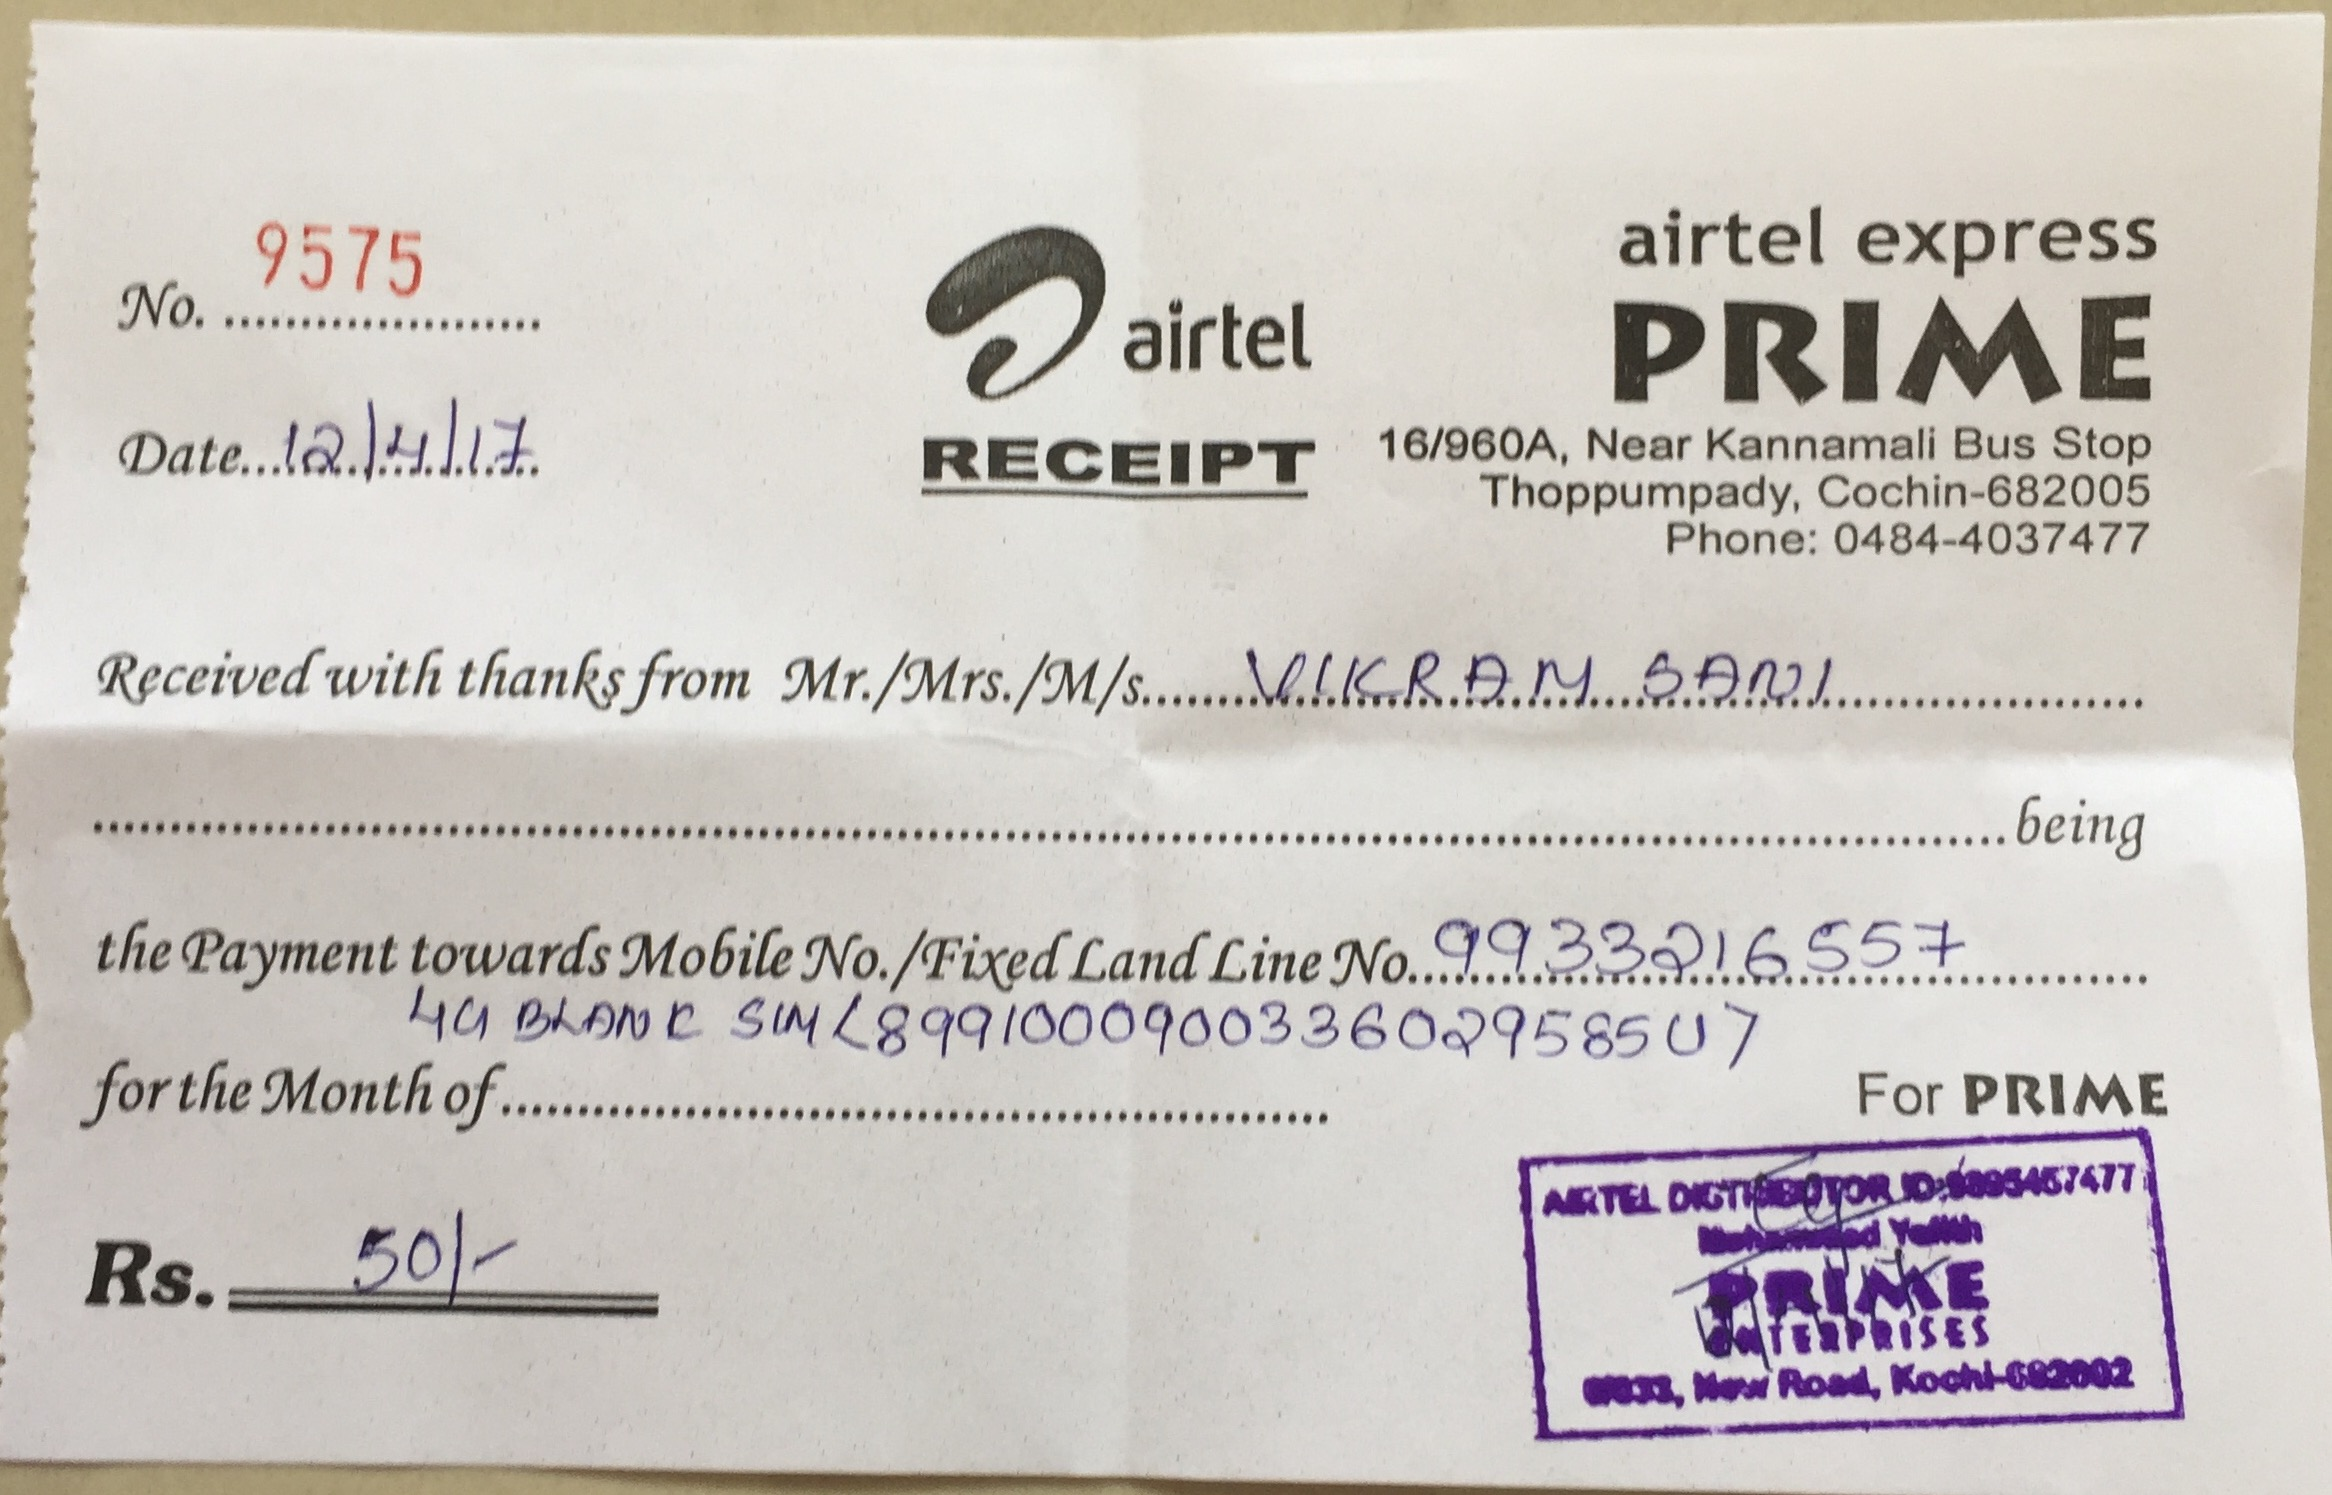 Prepaid mobile service